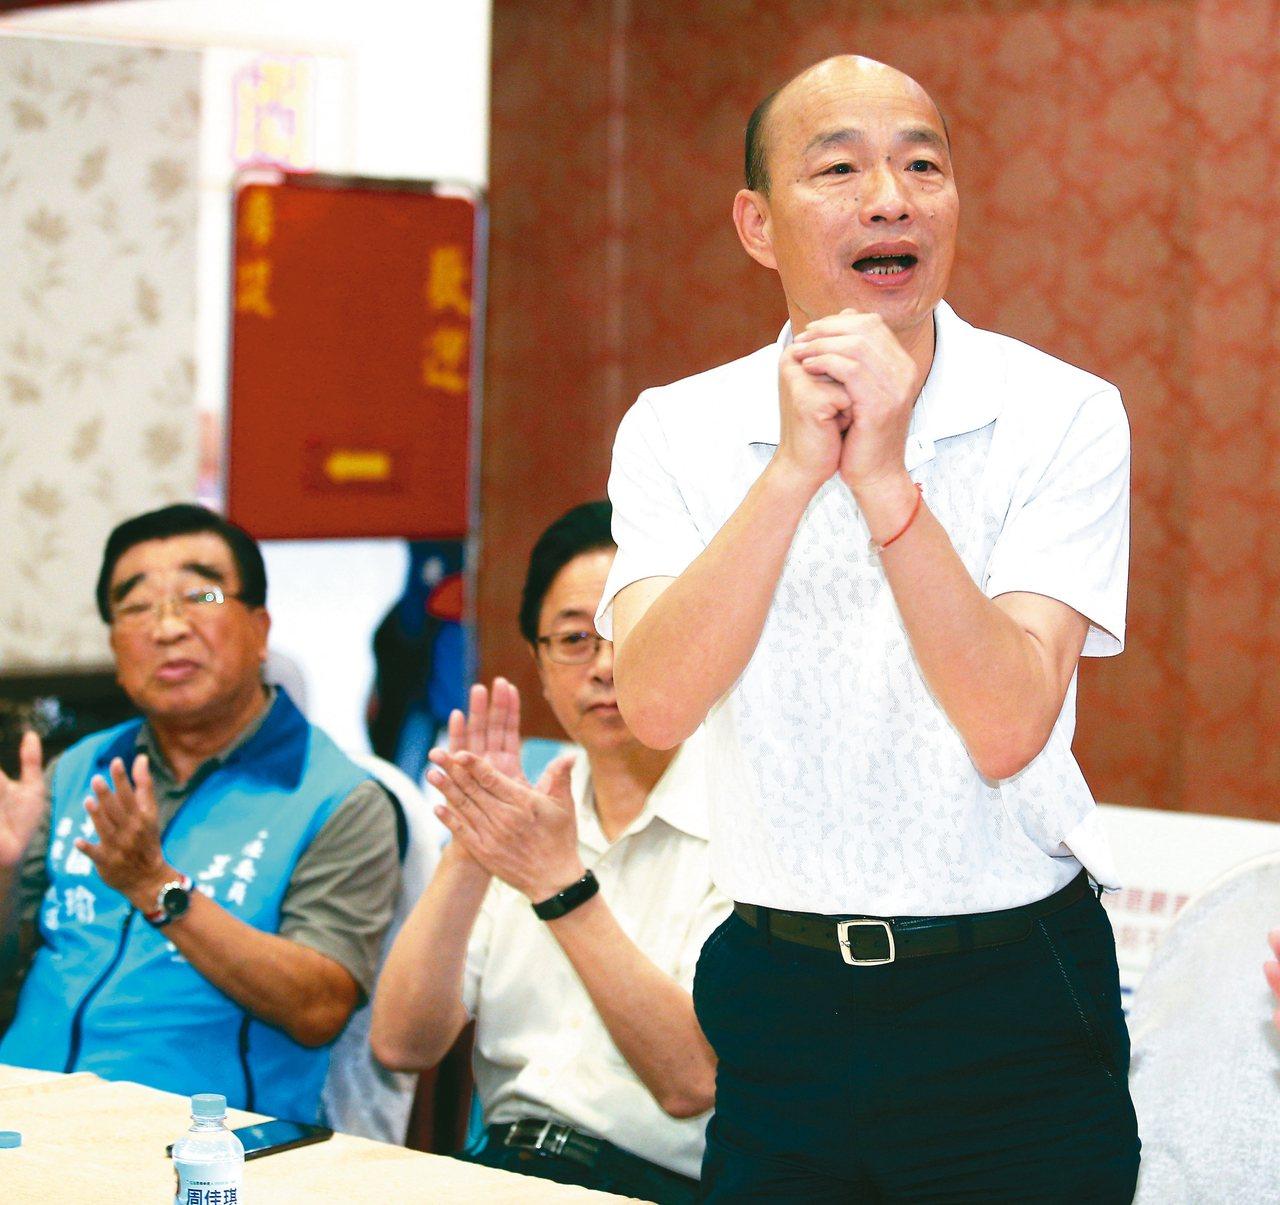 国民党总统参选人韩国瑜(右)昨天宣示,若当选总统,将废除一例一休,也不会同意高铁...